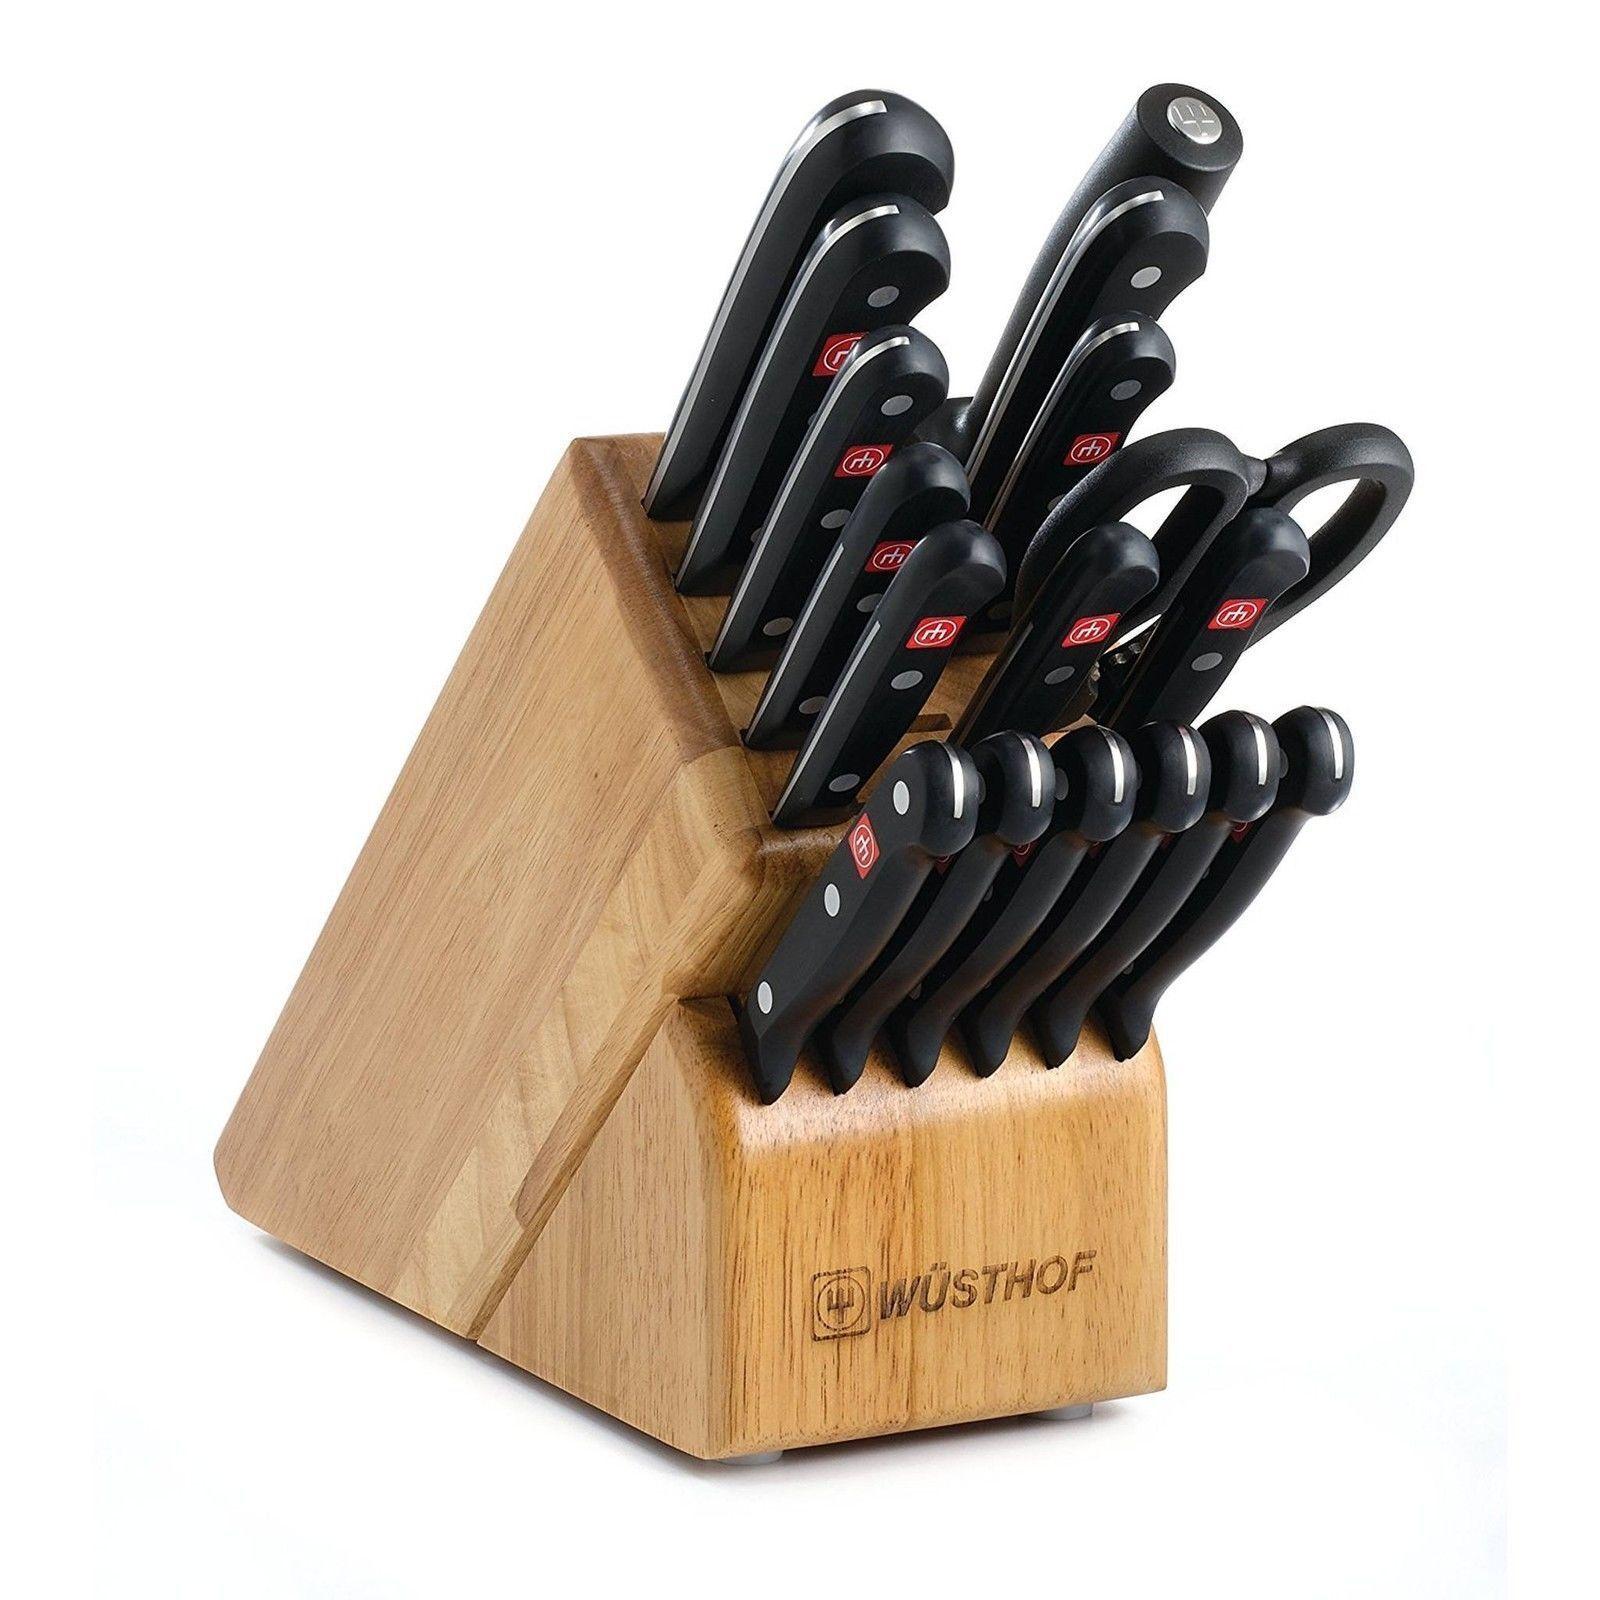 Wusthof 9718 Gourmet 18 pièces Bloc à Couteaux Set livraison gratuite états-Unis Uniquement